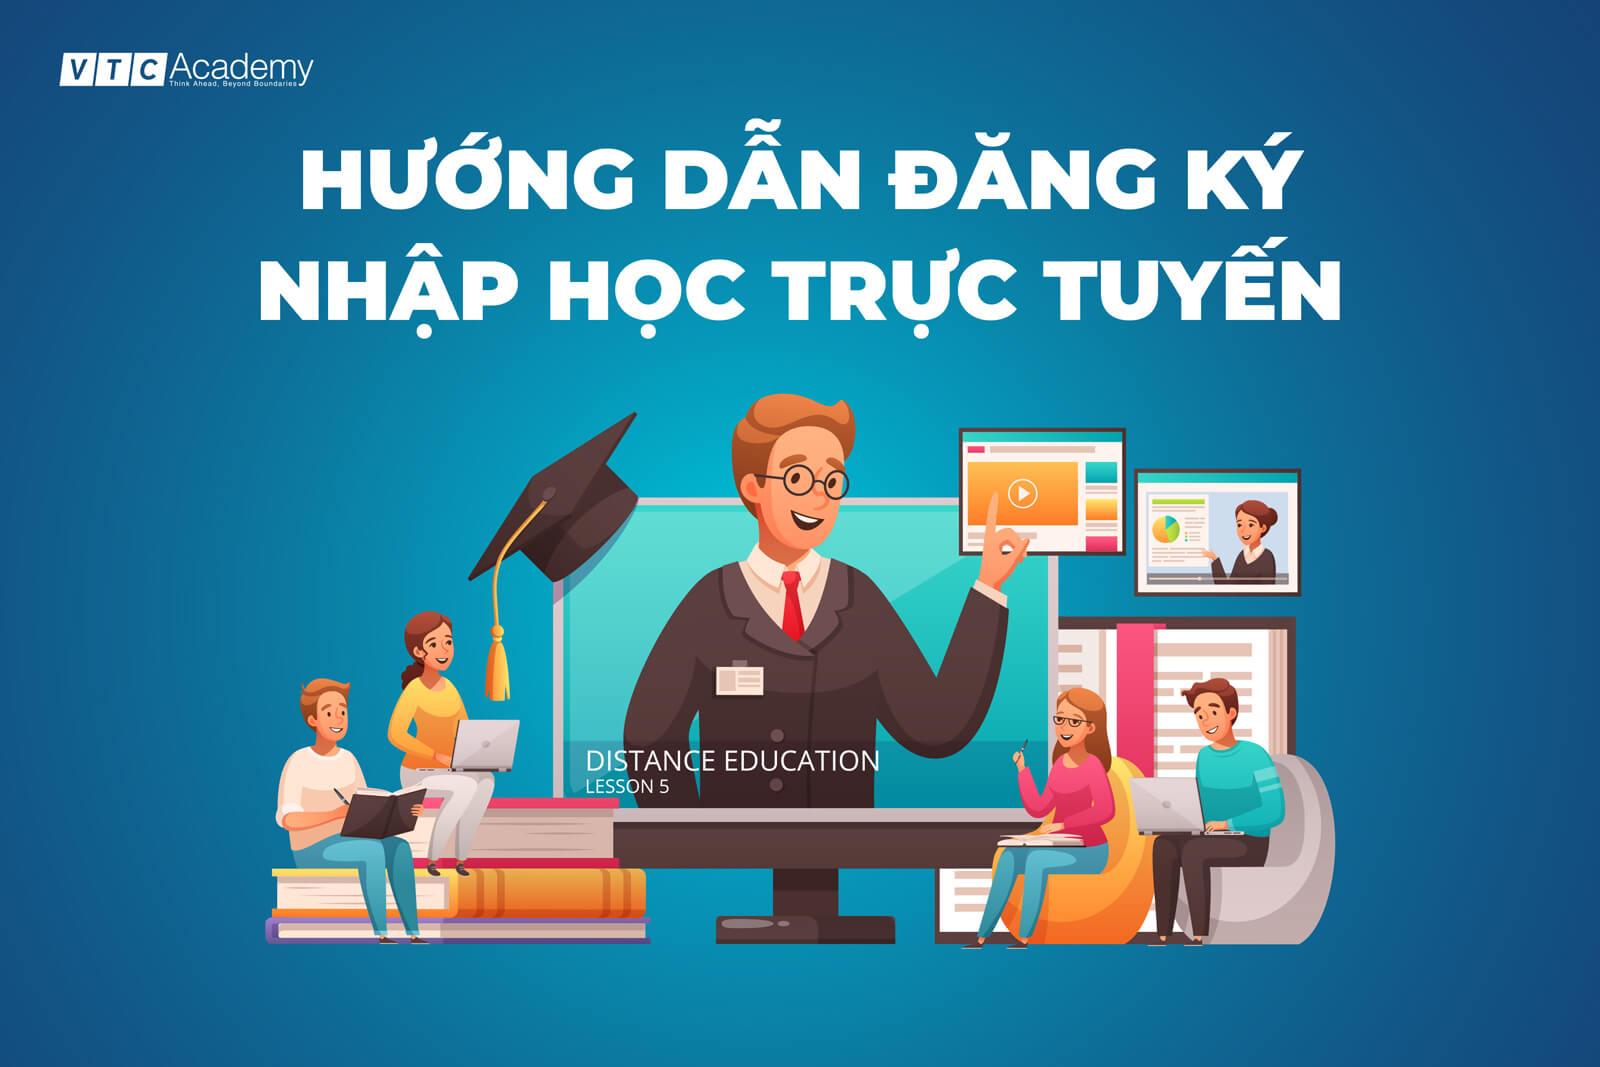 Hướng dẫn đăng ký nhập học online mùa COVID dành cho tân học viên VTC Academy